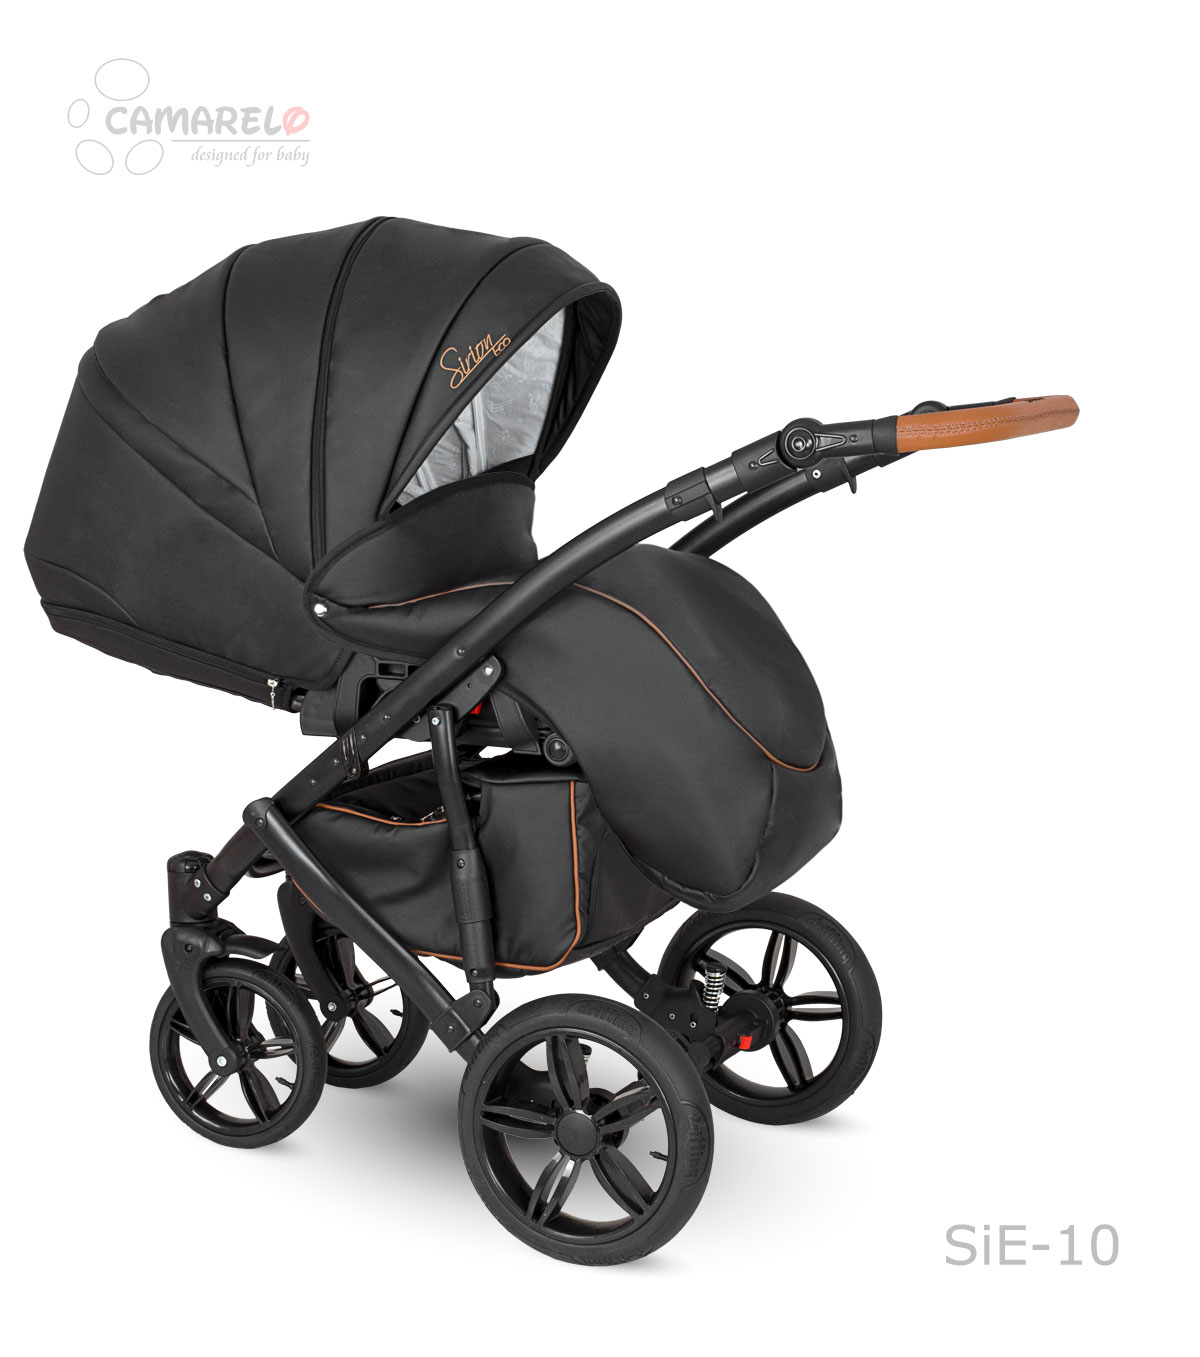 Коляска Sirion Eco NEW SIE-10